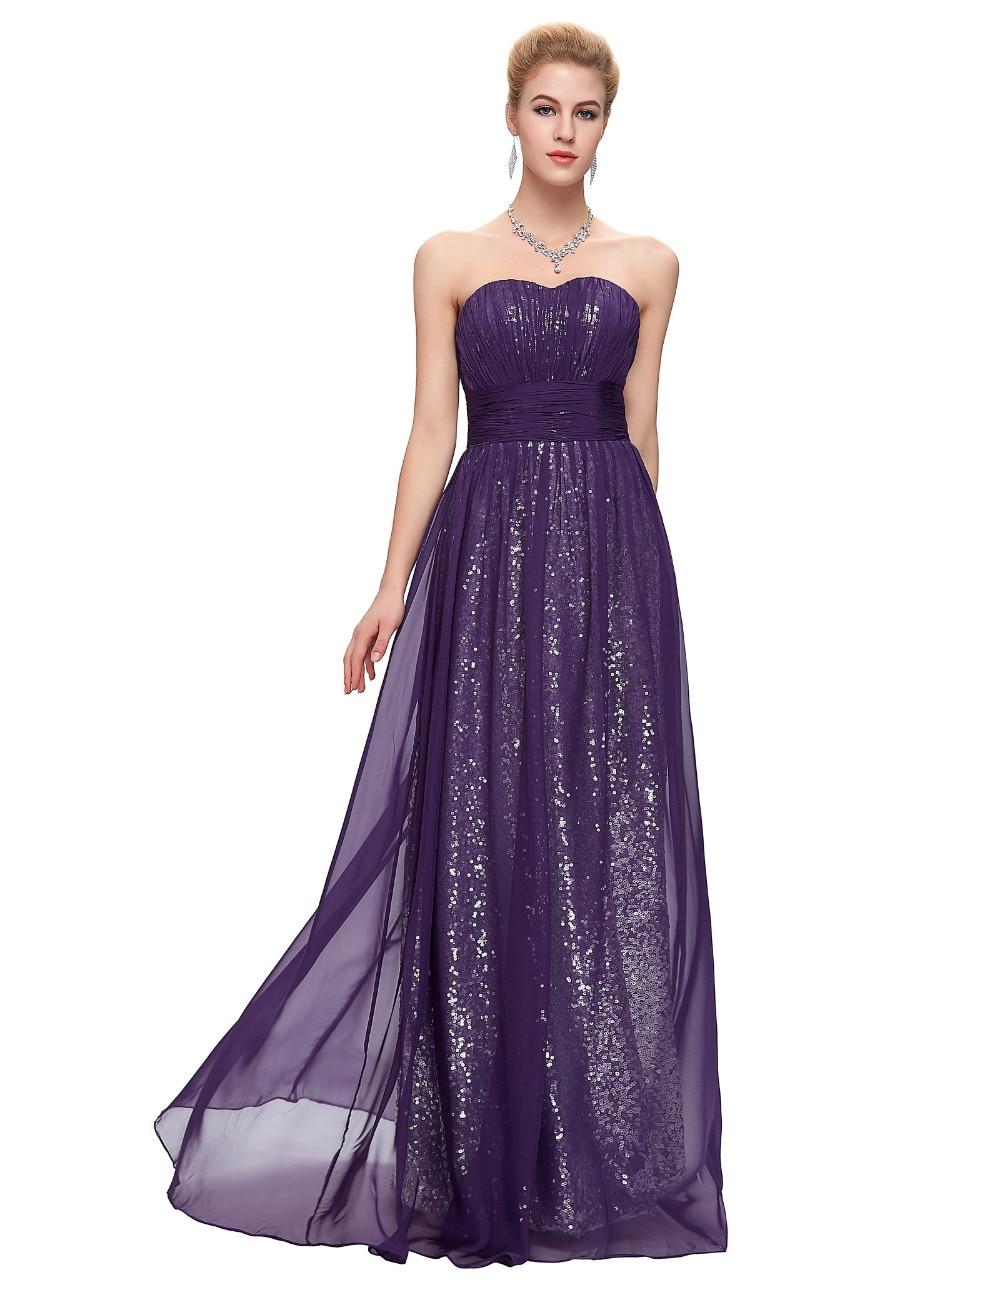 Encantador Prom Vestidos De Verde Azulado Colección - Vestido de ...